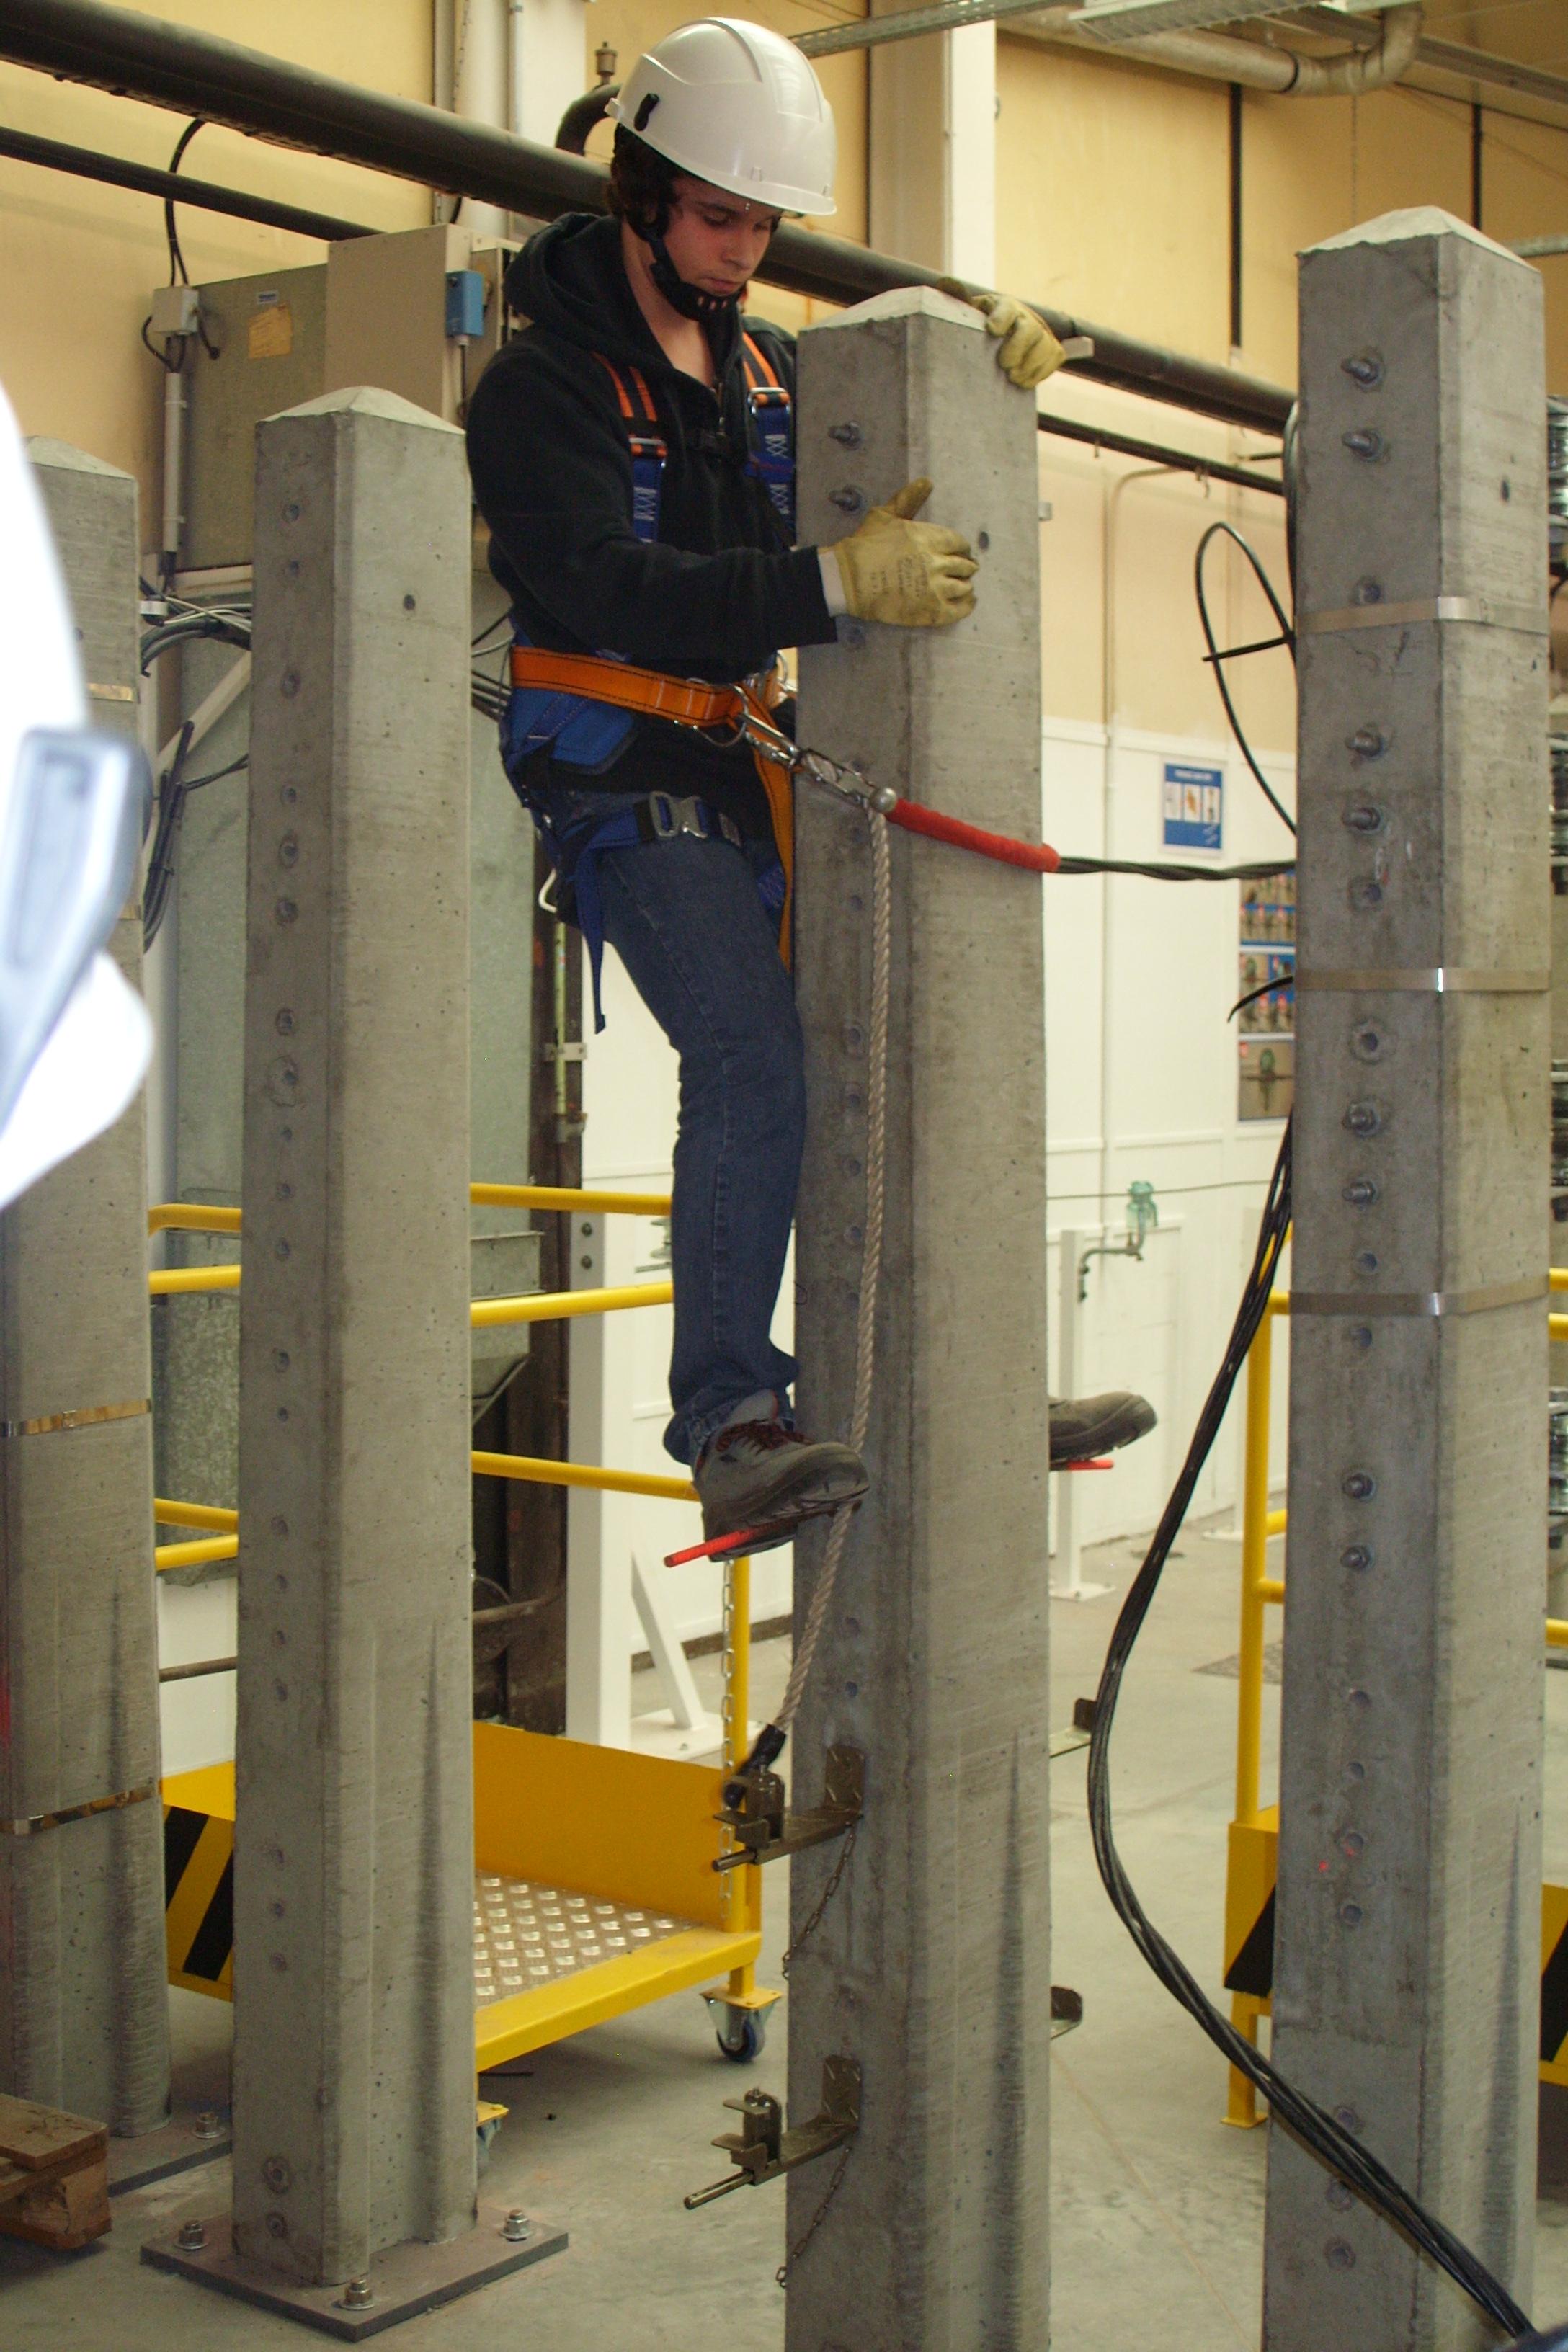 Comment devenir monteur en reseaux de distribution electrique